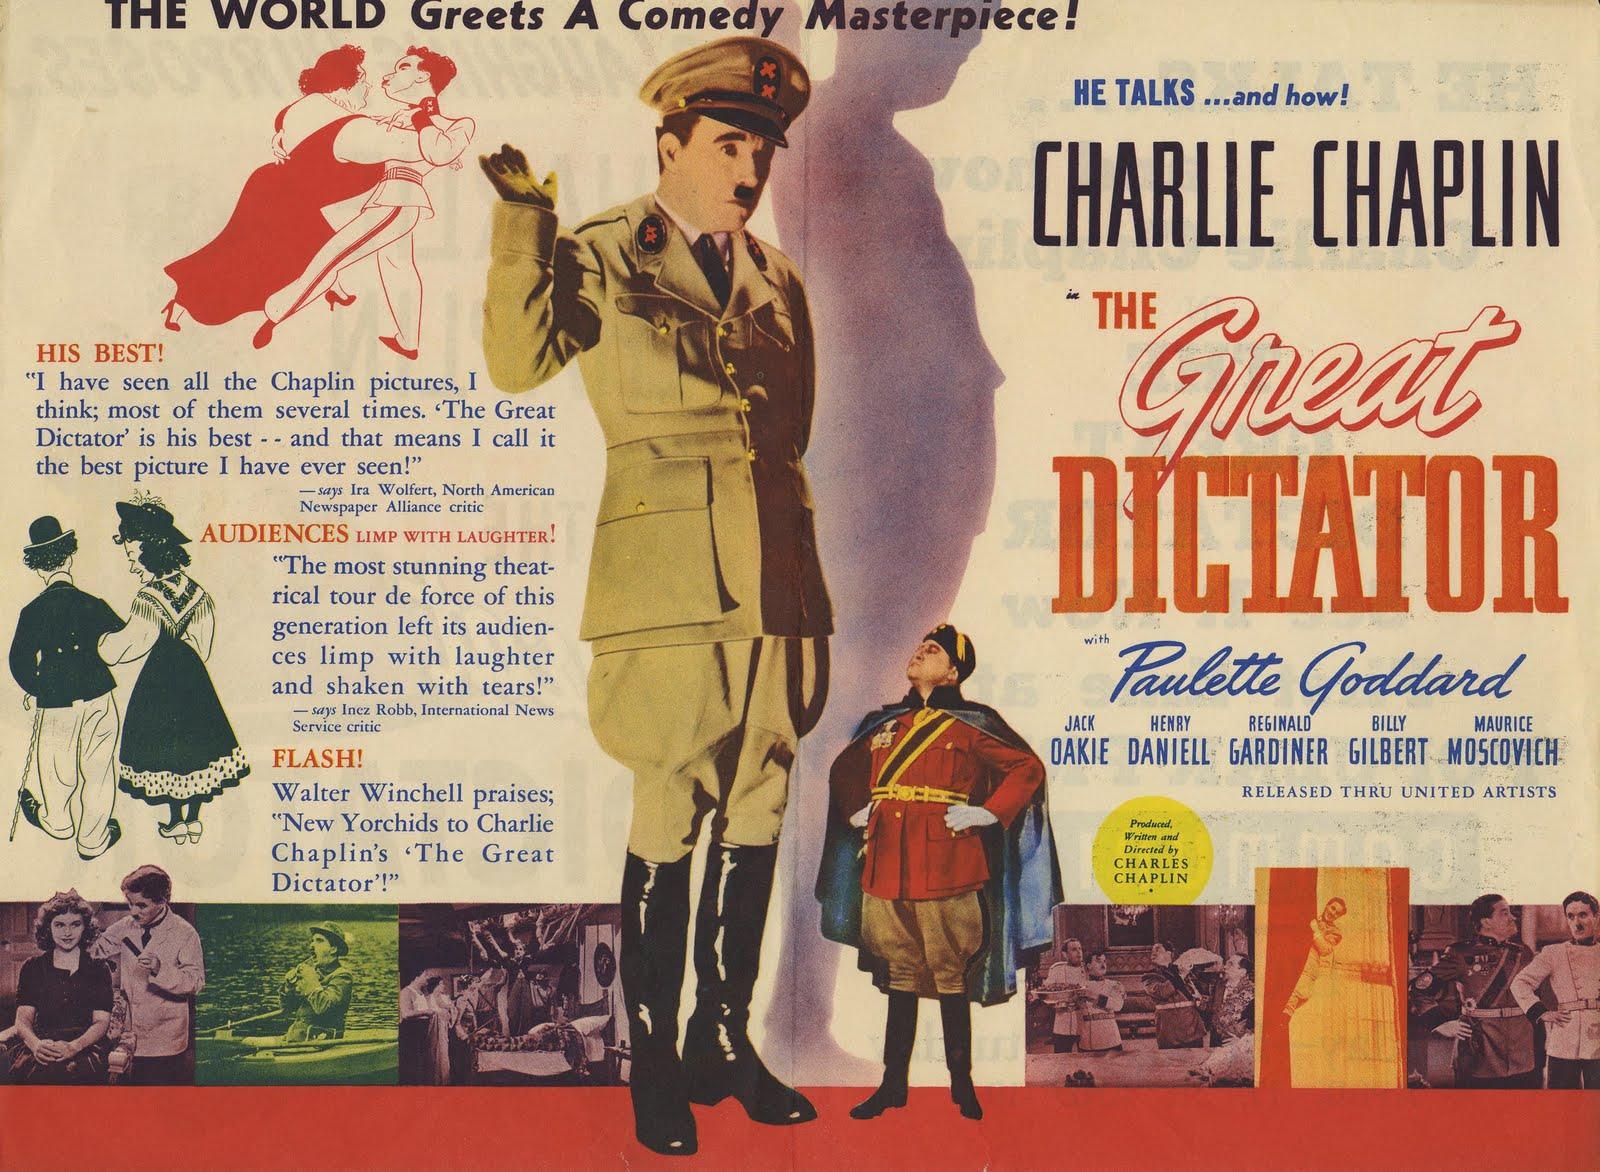 Filmografía de Charles Chaplin 1940_EL_GRAN_DICTADOR_poster